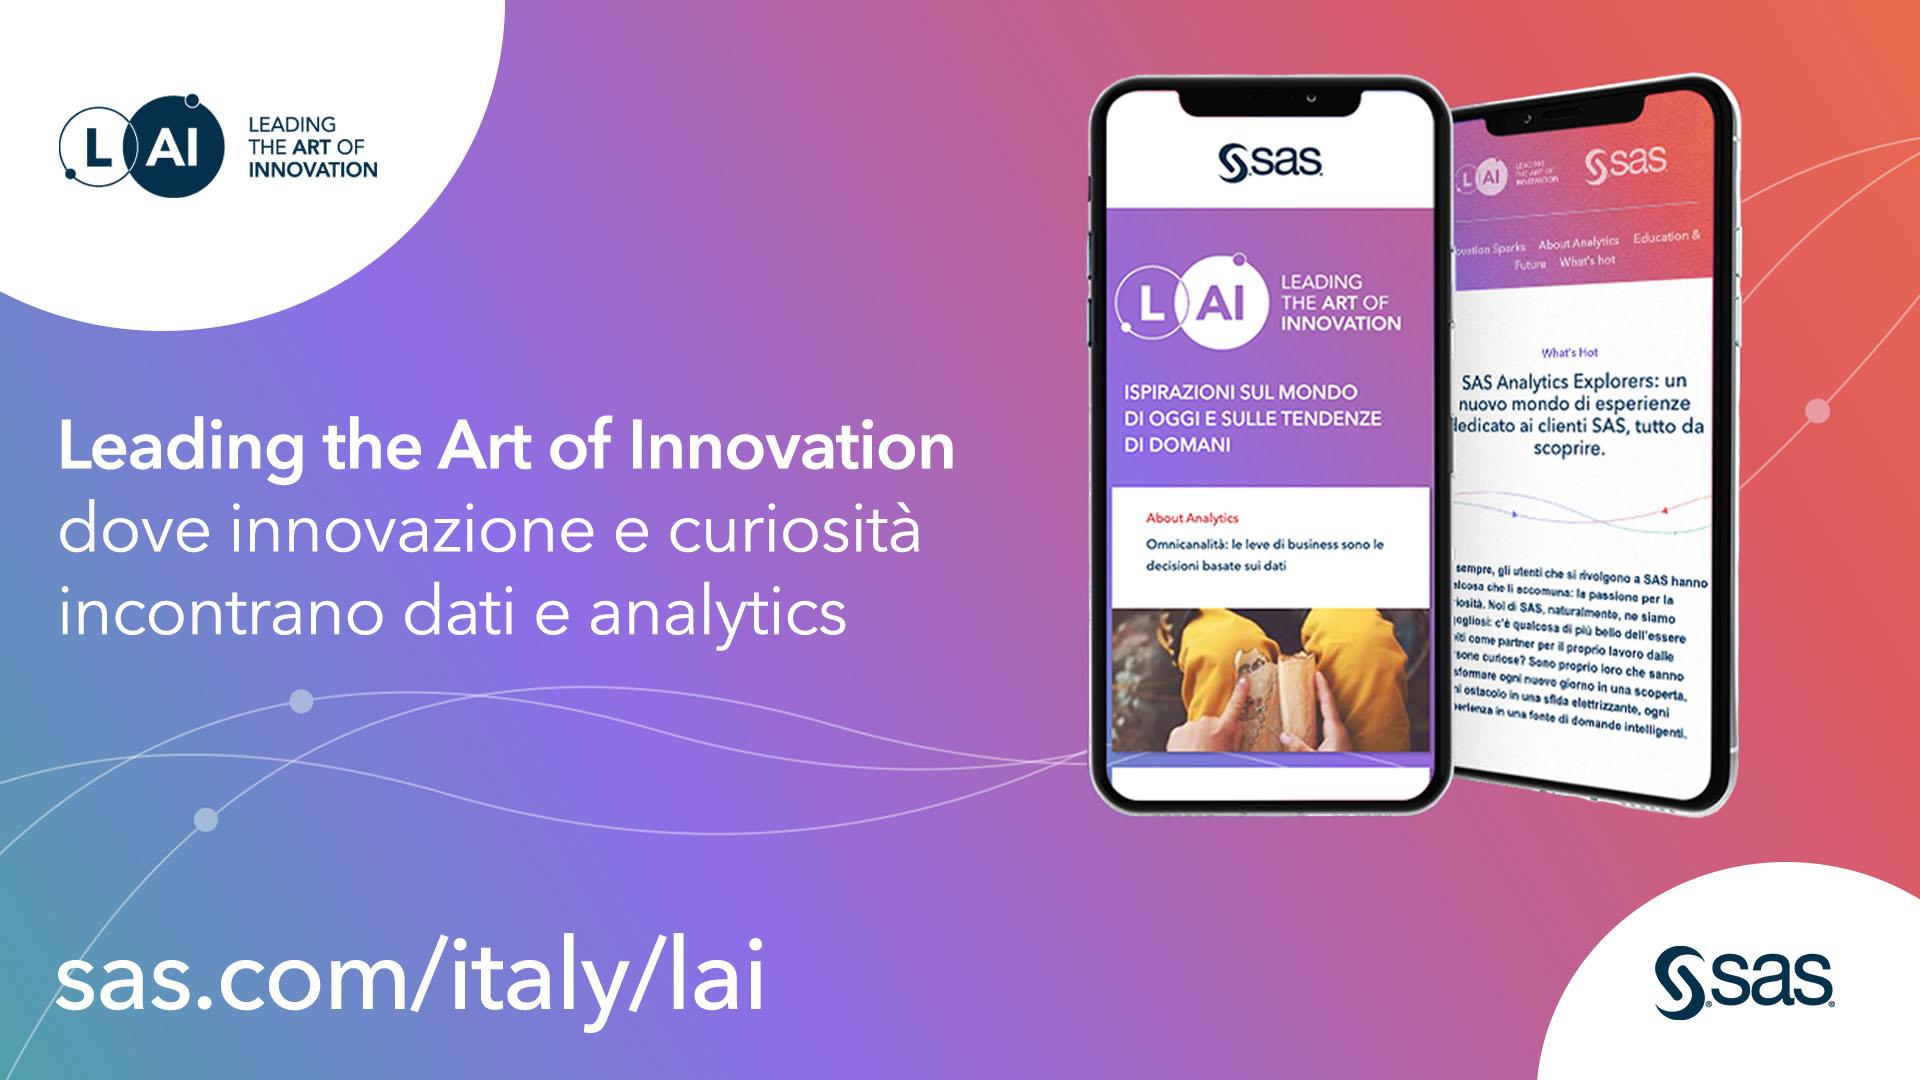 Nasce LAI - Leading the Art of Innovation, il content hub di SAS dedicato alla curiosità e all'innovazione